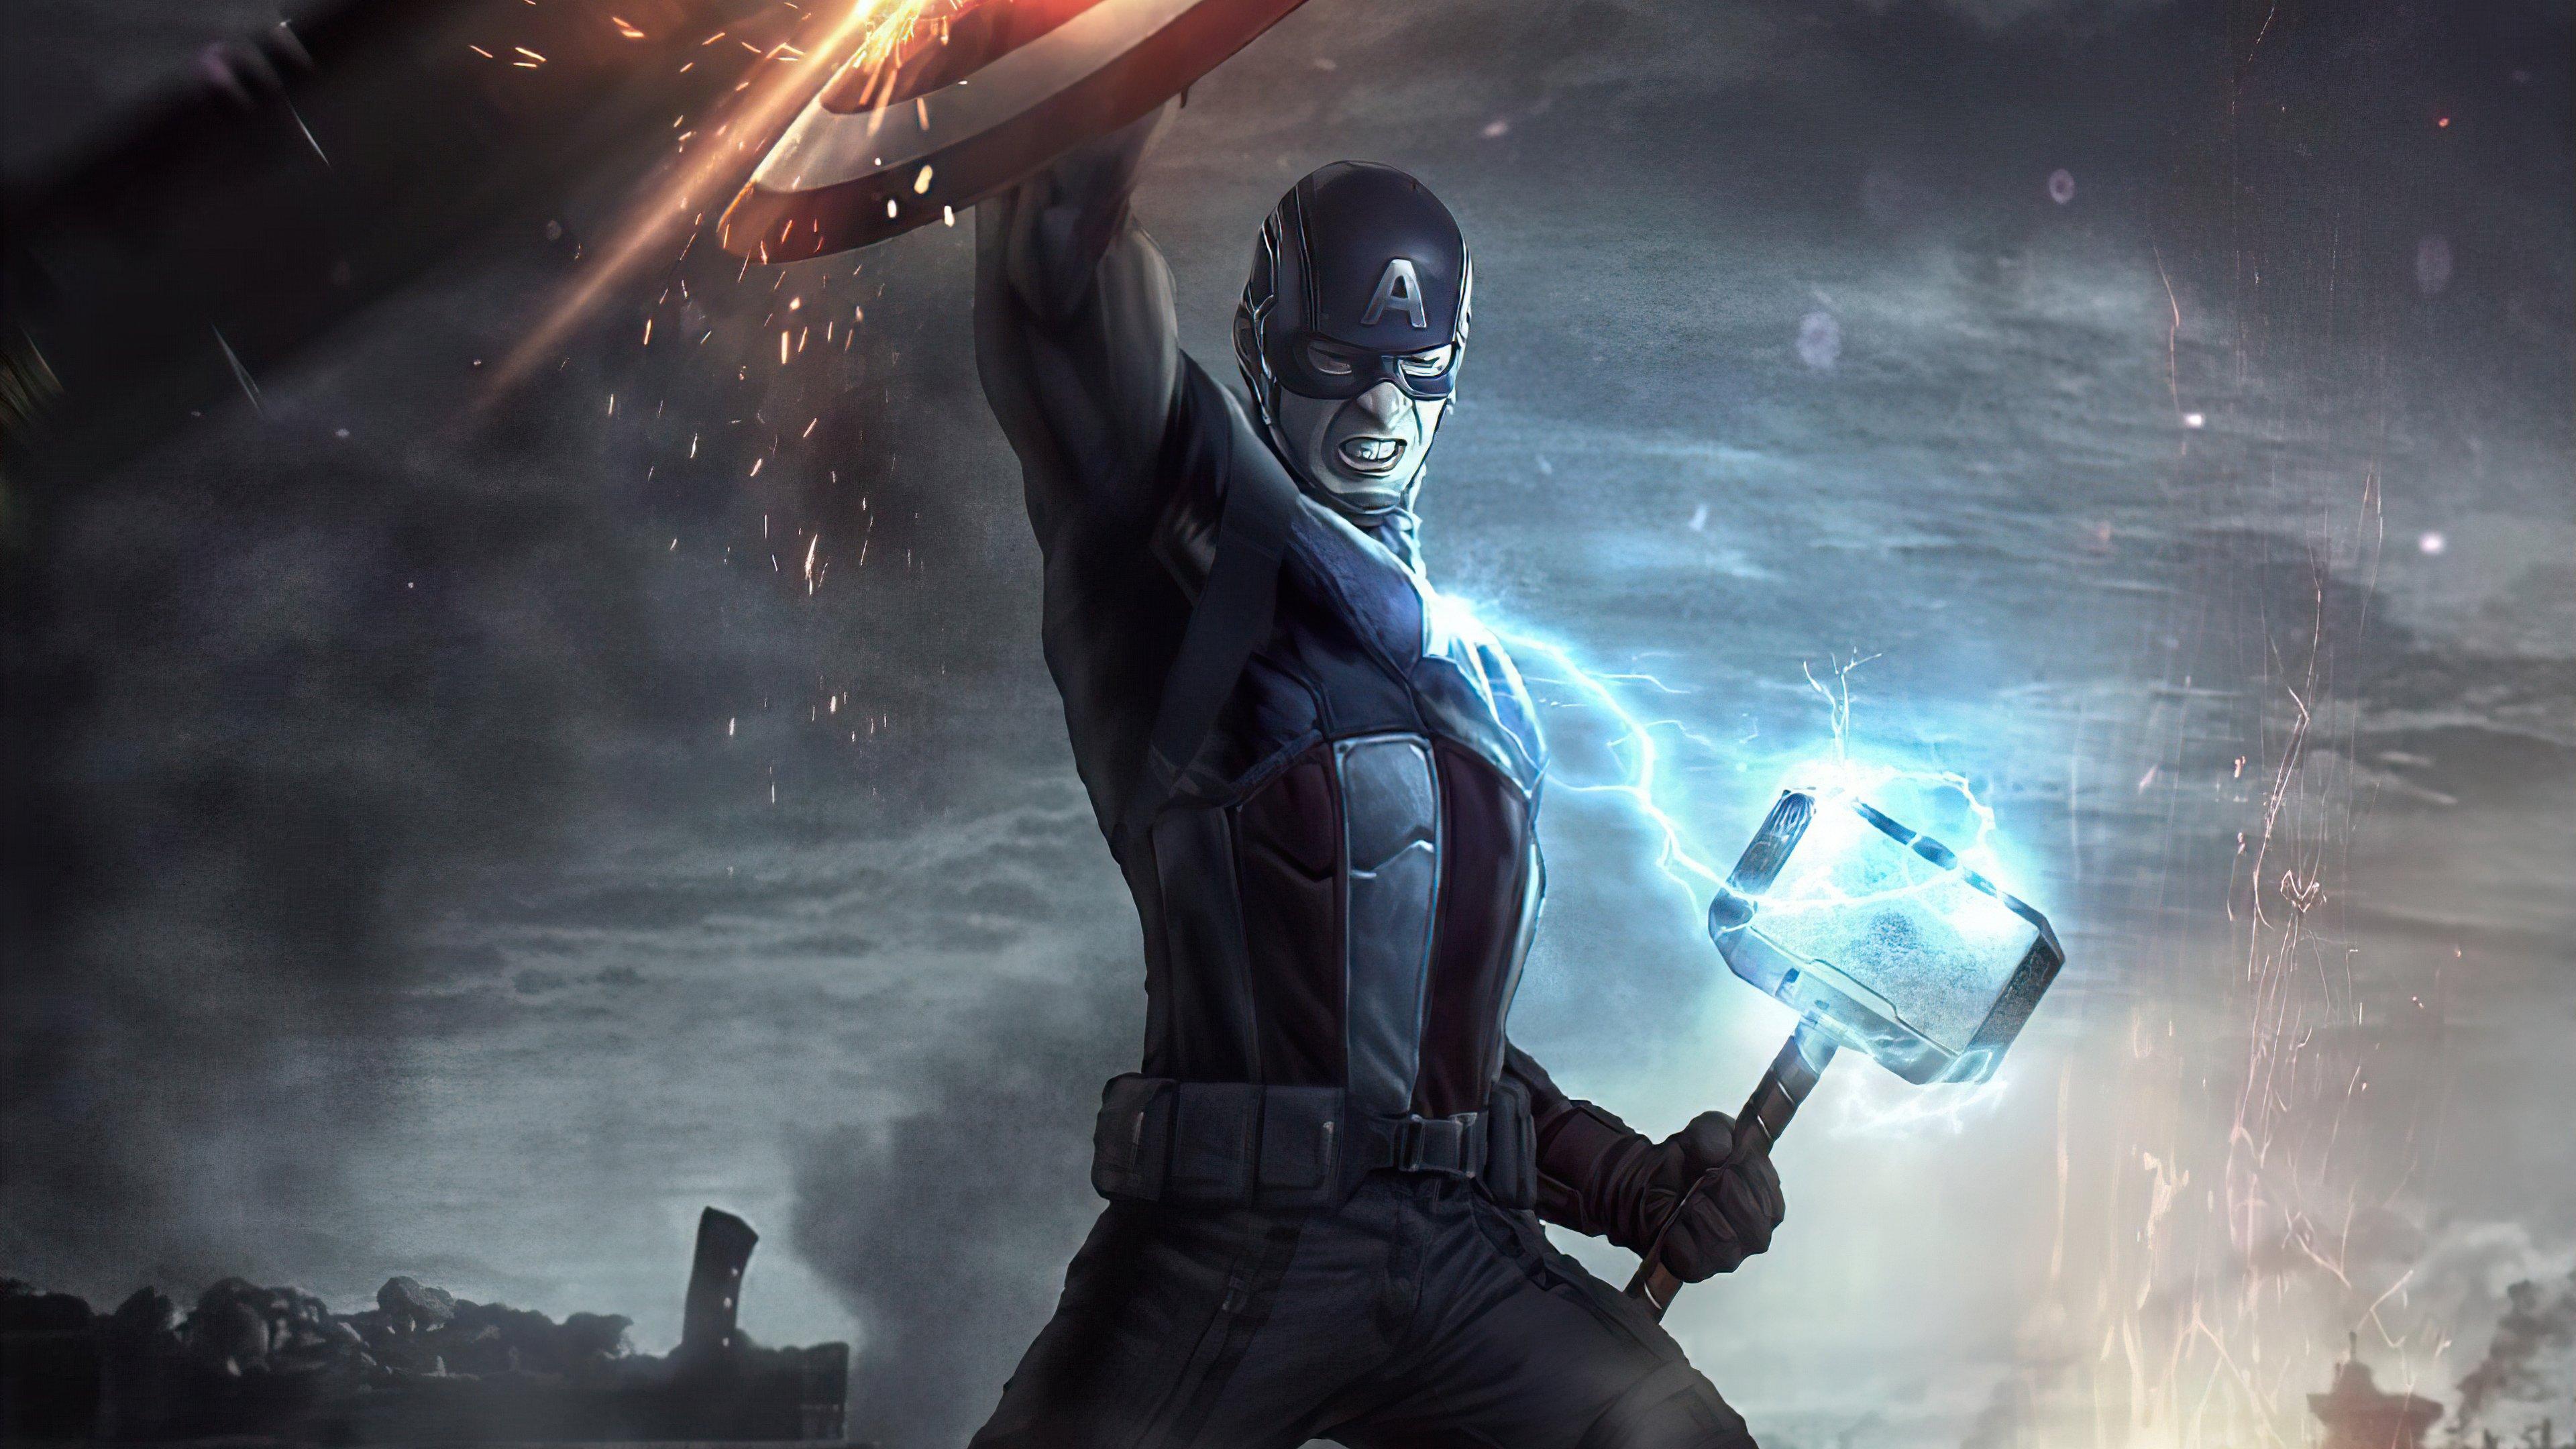 Fondos de pantalla Capitan America con martillo de Thor 2020